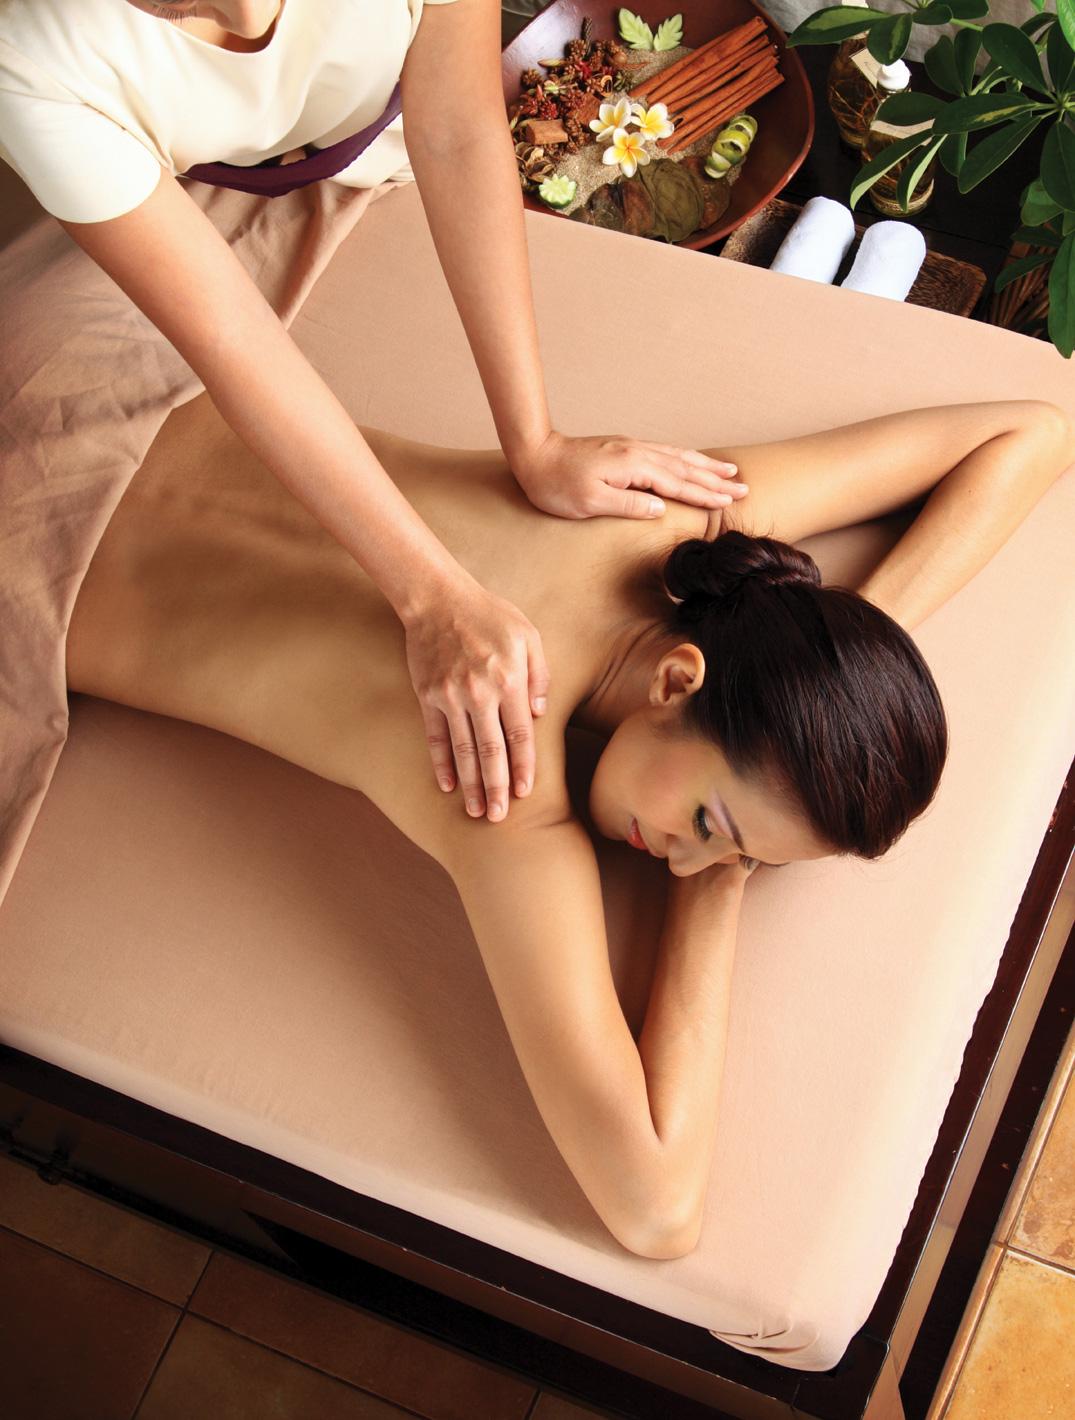 Русская девушка выполняет лингман массаж 6 фотография